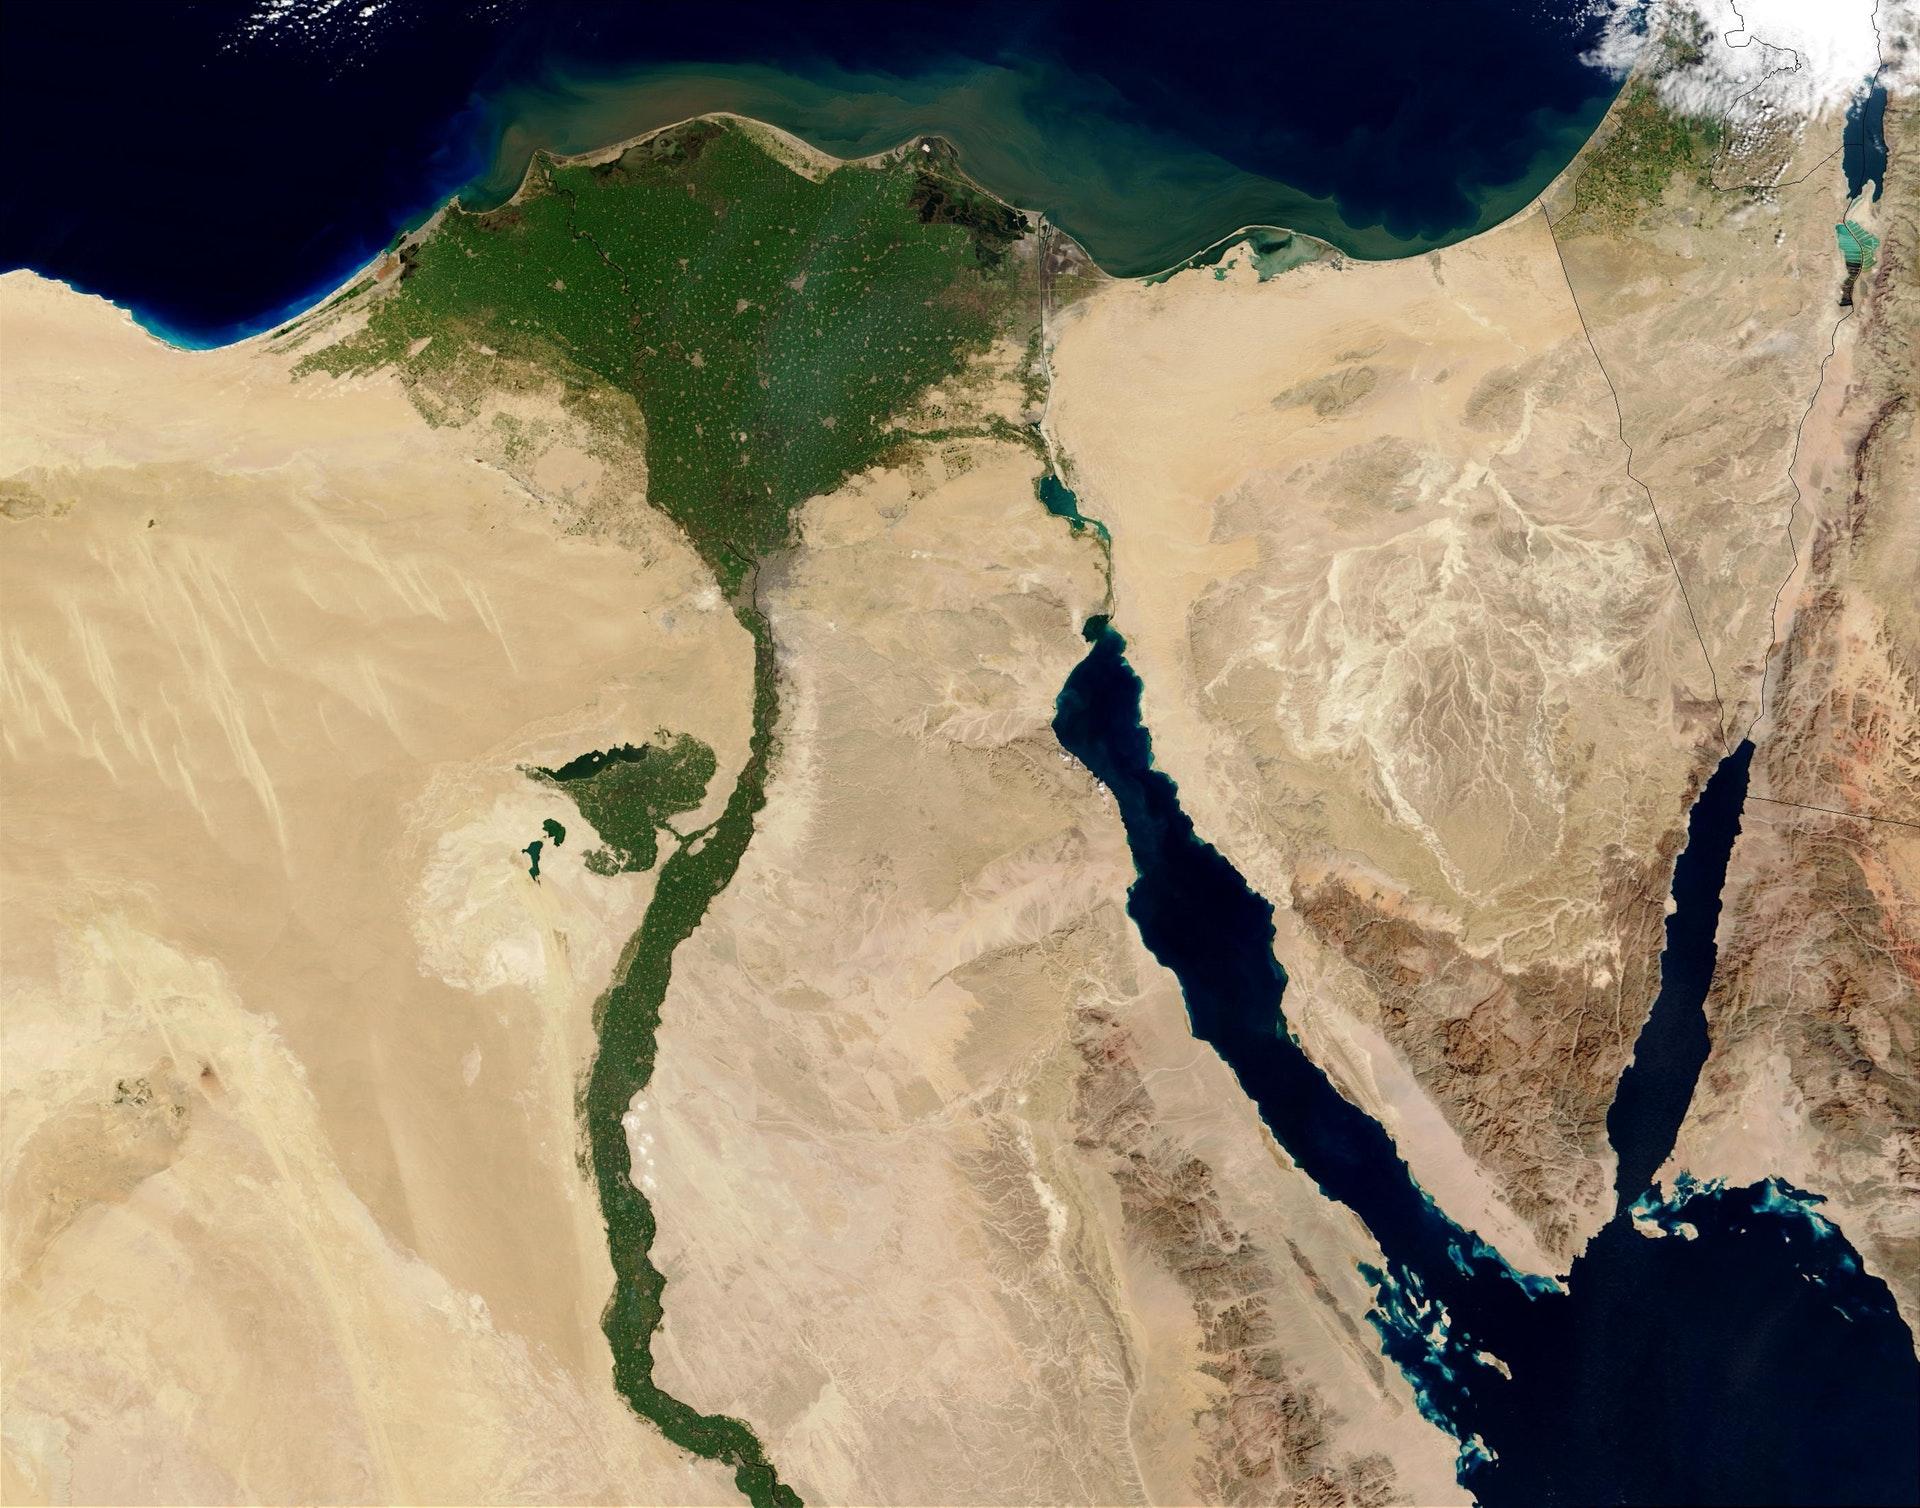 Wakacje w Egipcie – wybieramy najlepszy hotel